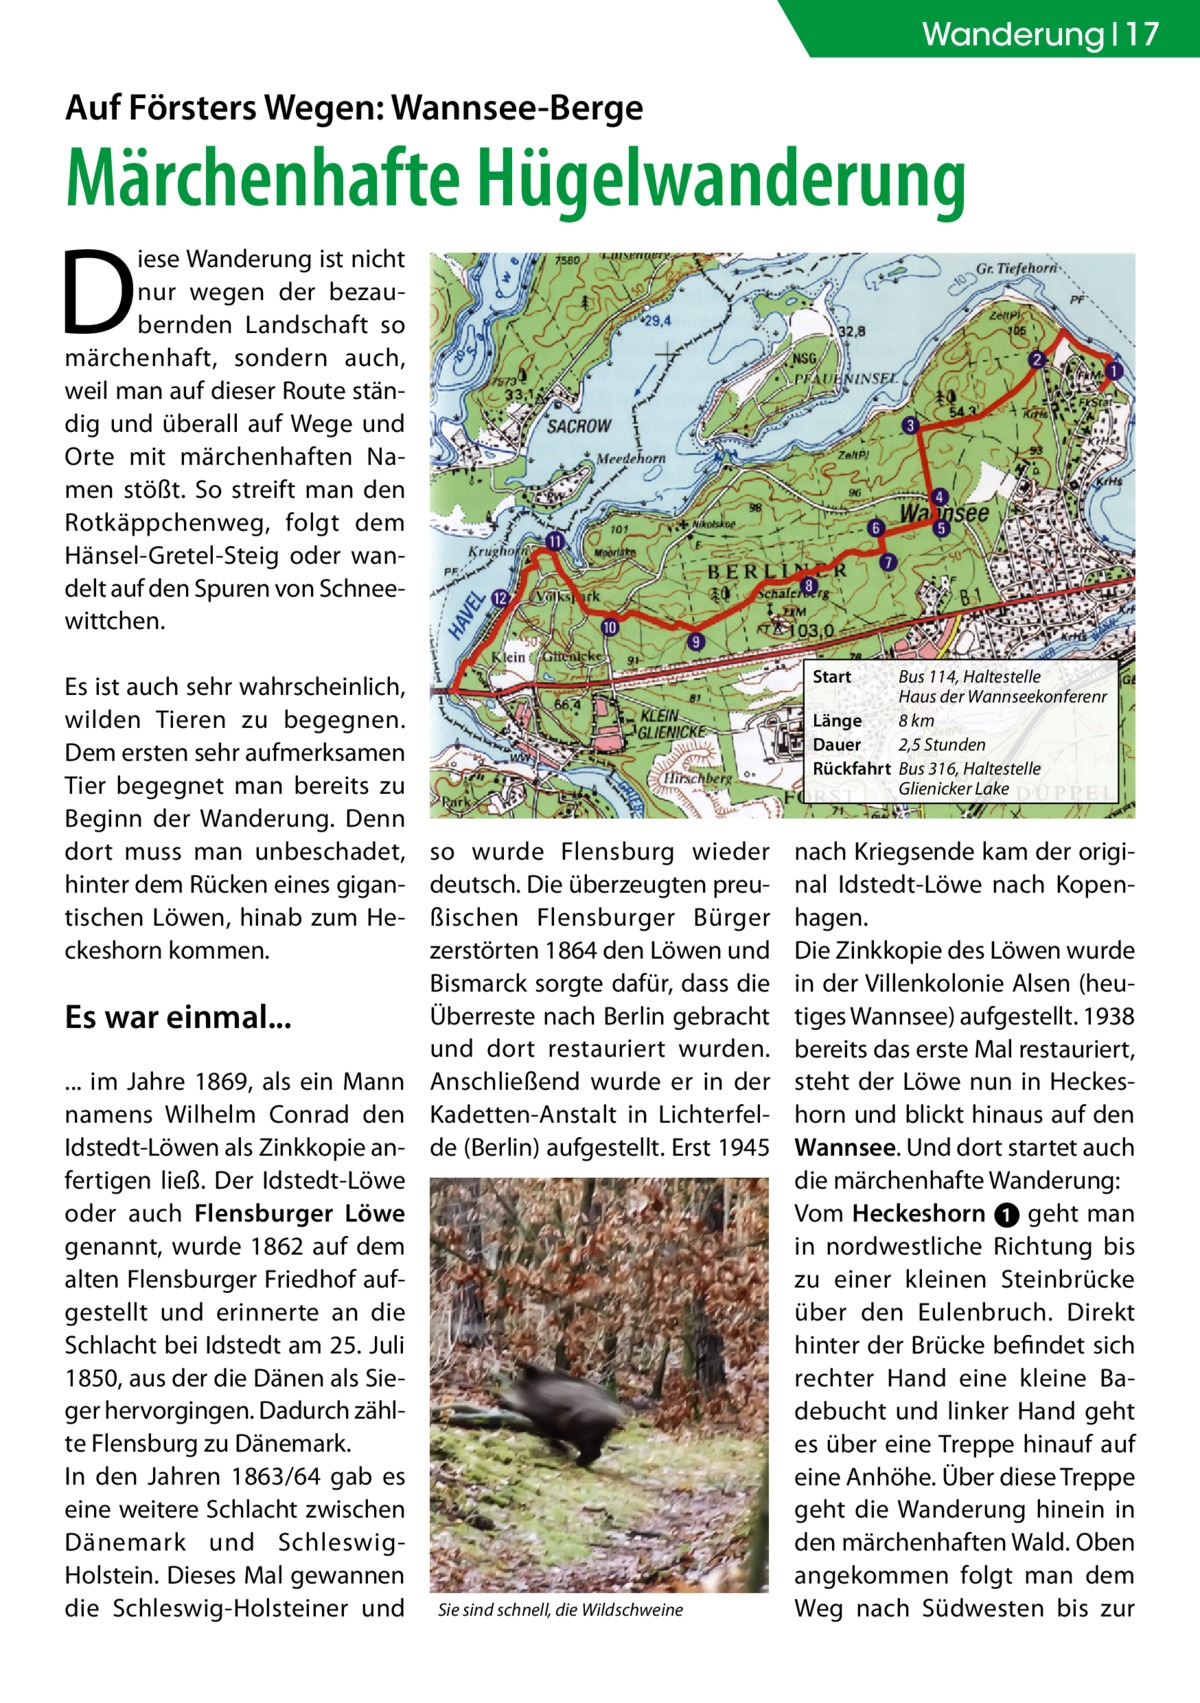 Wanderung 17  Auf Försters Wegen: Wannsee-Berge  Märchenhafte Hügelwanderung  D  iese Wanderung ist nicht nur wegen der bezaubernden Landschaft so märchenhaft, sondern auch, weil man auf dieser Route ständig und überall auf Wege und Orte mit märchenhaften Namen stößt. So streift man den Rotkäppchenweg, folgt dem Hänsel-Gretel-Steig oder wandelt auf den Spuren von Schneewittchen. Es ist auch sehr wahrscheinlich, wilden Tieren zu begegnen. Dem ersten sehr aufmerksamen Tier begegnet man bereits zu Beginn der Wanderung. Denn dort muss man unbeschadet, hinter dem Rücken eines gigantischen Löwen, hinab zum Heckeshorn kommen.  so wurde Flensburg wieder deutsch. Die überzeugten preußischen Flensburger Bürger zerstörten 1864 den Löwen und Bismarck sorgte dafür, dass die Überreste nach Berlin gebracht Es war einmal... und dort restauriert wurden. ... im Jahre 1869, als ein Mann Anschließend wurde er in der namens Wilhelm Conrad den Kadetten-Anstalt in LichterfelIdstedt-Löwen als Zinkkopie an- de (Berlin) aufgestellt. Erst 1945 fertigen ließ. Der Idstedt-Löwe oder auch Flensburger Löwe genannt, wurde 1862 auf dem alten Flensburger Friedhof aufgestellt und erinnerte an die Schlacht bei Idstedt am 25. Juli 1850, aus der die Dänen als Sieger hervorgingen. Dadurch zählte Flensburg zu Dänemark. In den Jahren 1863/64 gab es eine weitere Schlacht zwischen Dänemark und SchleswigHolstein. Dieses Mal gewannen die Schleswig-Holsteiner und Sie sind schnell, die Wildschweine  Start  Bus 114, Haltestelle Haus der Wannseekonferenr Länge 8 km Dauer 2,5 Stunden Rückfahrt Bus 316, Haltestelle Glienicker Lake  nach Kriegsende kam der original Idstedt-Löwe nach Kopenhagen. Die Zinkkopie des Löwen wurde in der Villenkolonie Alsen (heutiges Wannsee) aufgestellt. 1938 bereits das erste Mal restauriert, steht der Löwe nun in Heckeshorn und blickt hinaus auf den Wannsee. Und dort startet auch die märchenhafte Wanderung: Vom Heckeshorn ➊ geht man in nordwestliche Richtung bis zu einer kleinen Steinbrüc